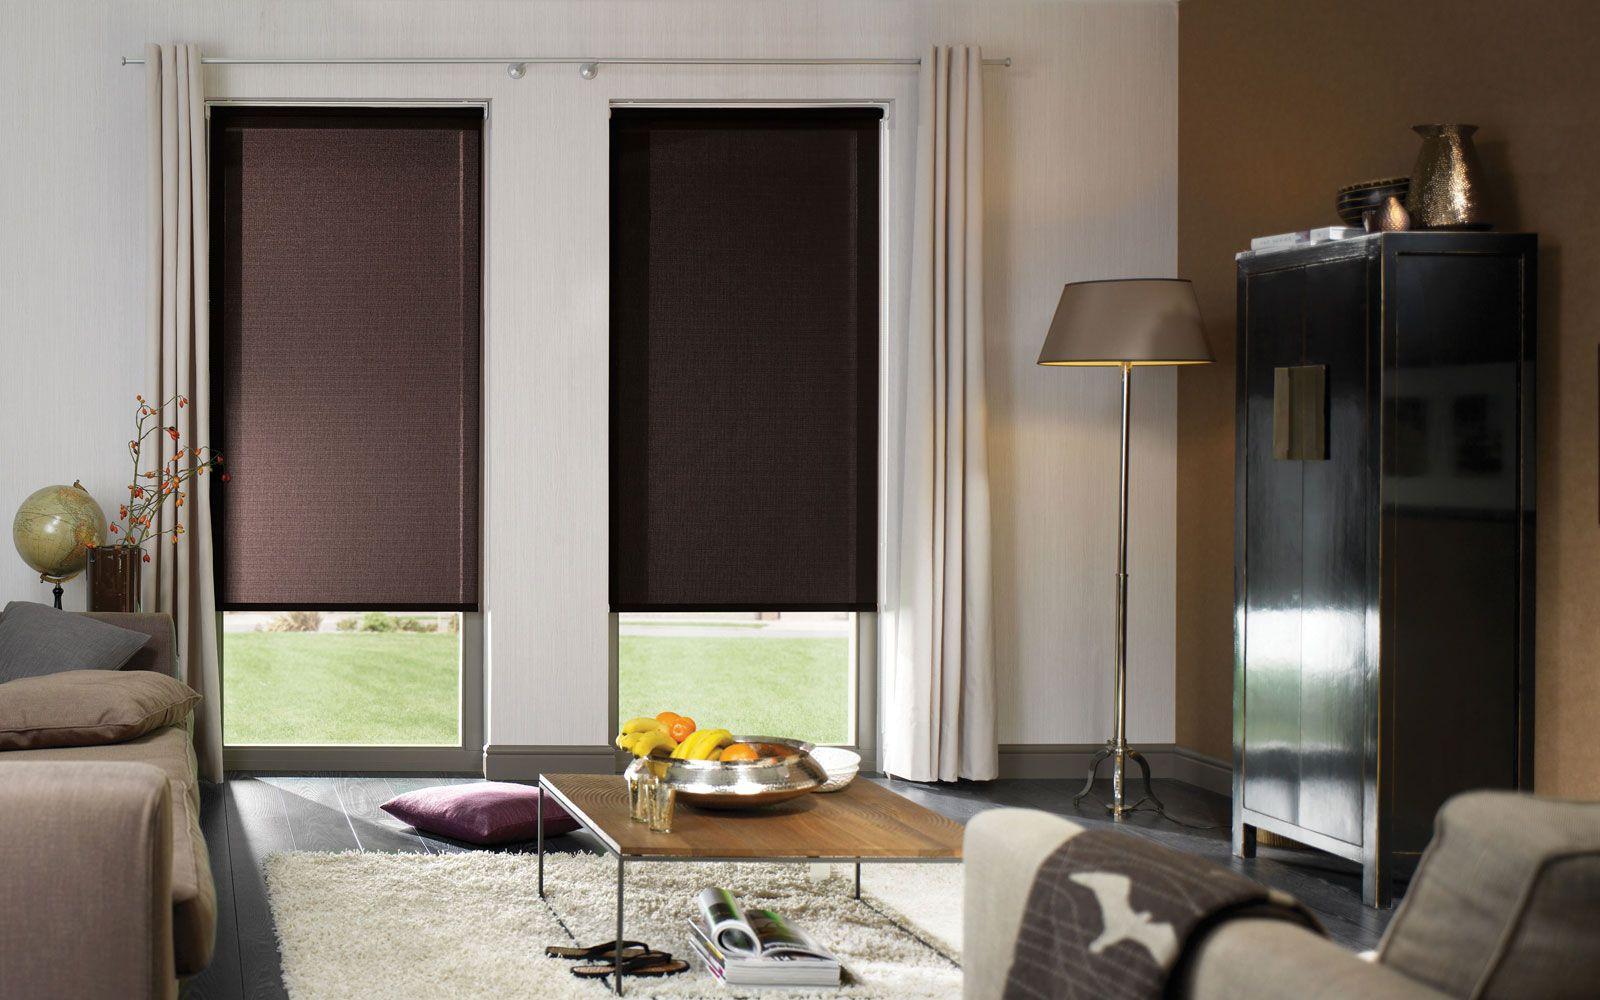 Tende Oscuranti Per Finestre Interne : Tende coprenti per interni simple tende oscuranti per finestre